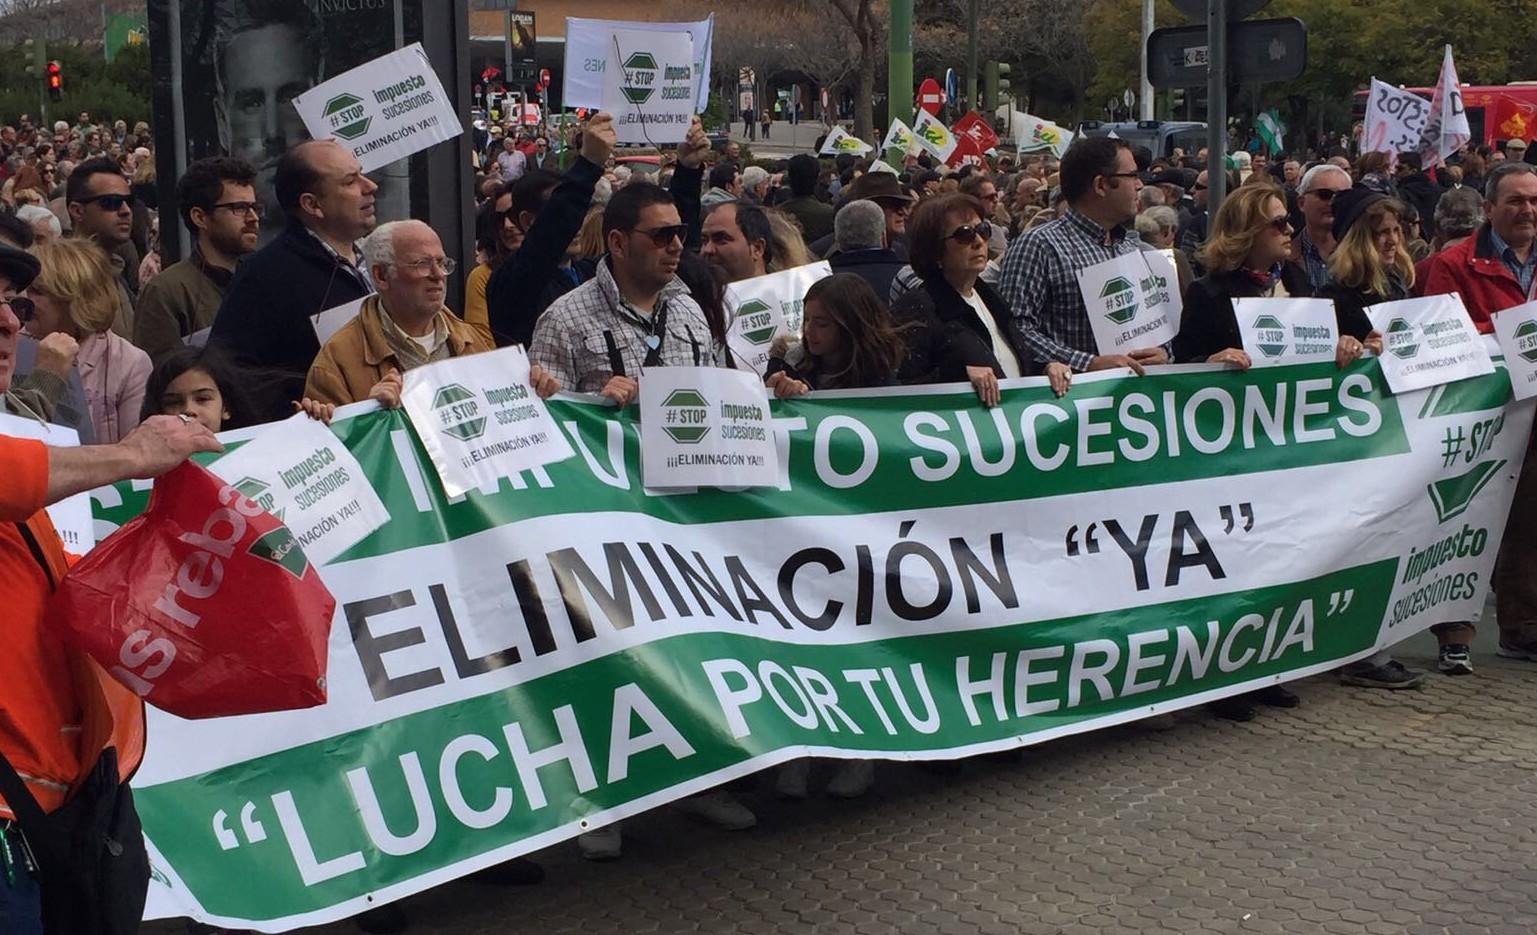 La lucha ciudadana contra el Impuesto de Sucesiones, un modelo para regenerar España